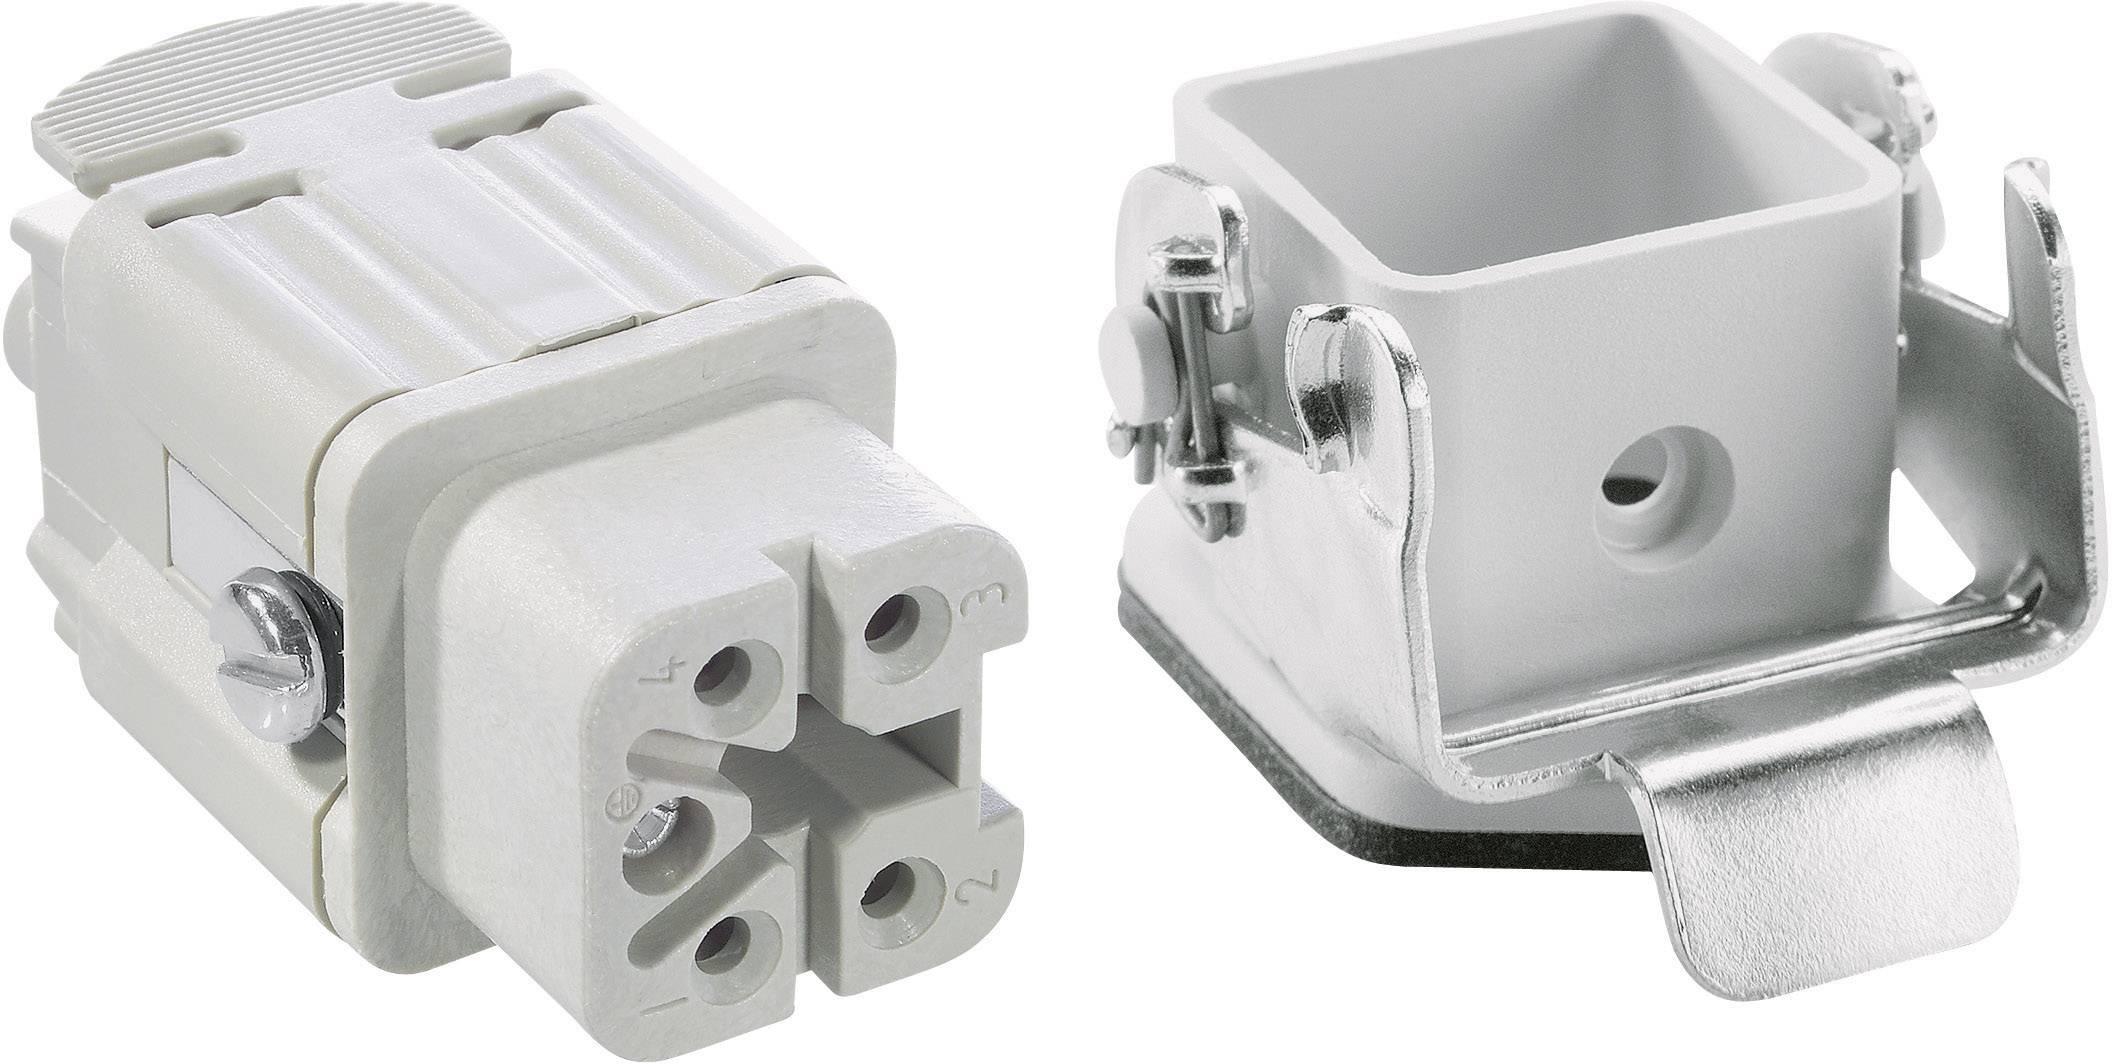 Sada konektorů EPIC®KIT H-A 4 75009617 LappKabel 4 + PE šroubovací 1 sada